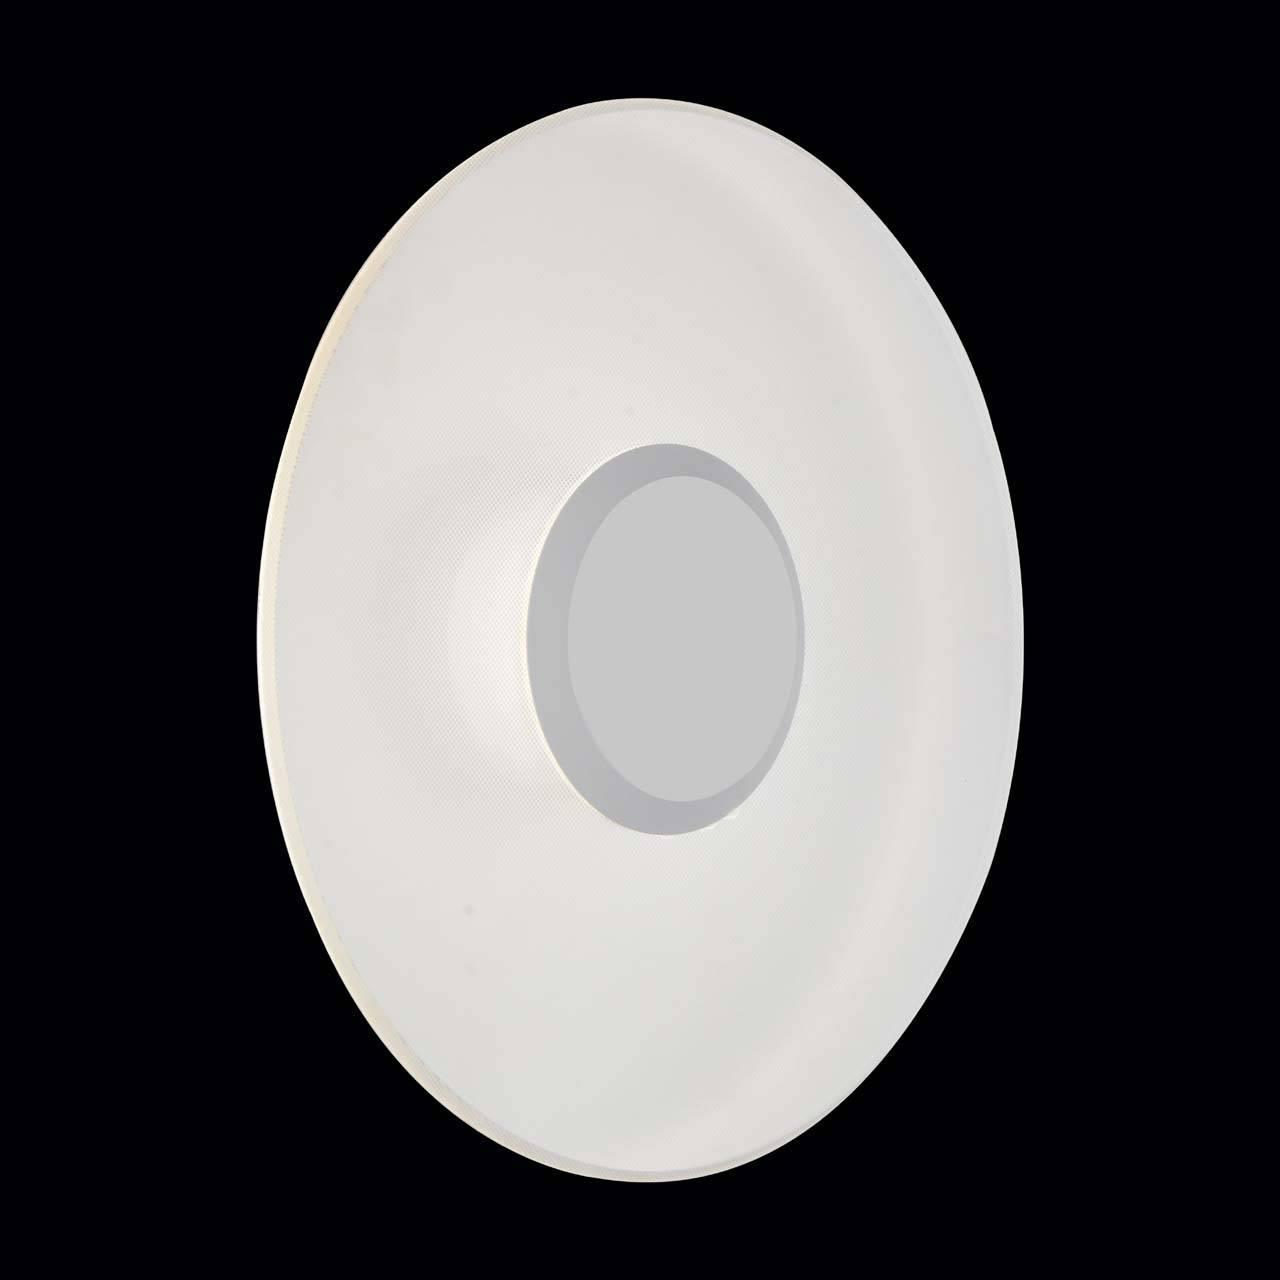 Уличный настенный светодиодный светильник ST Luce SL925.501.01